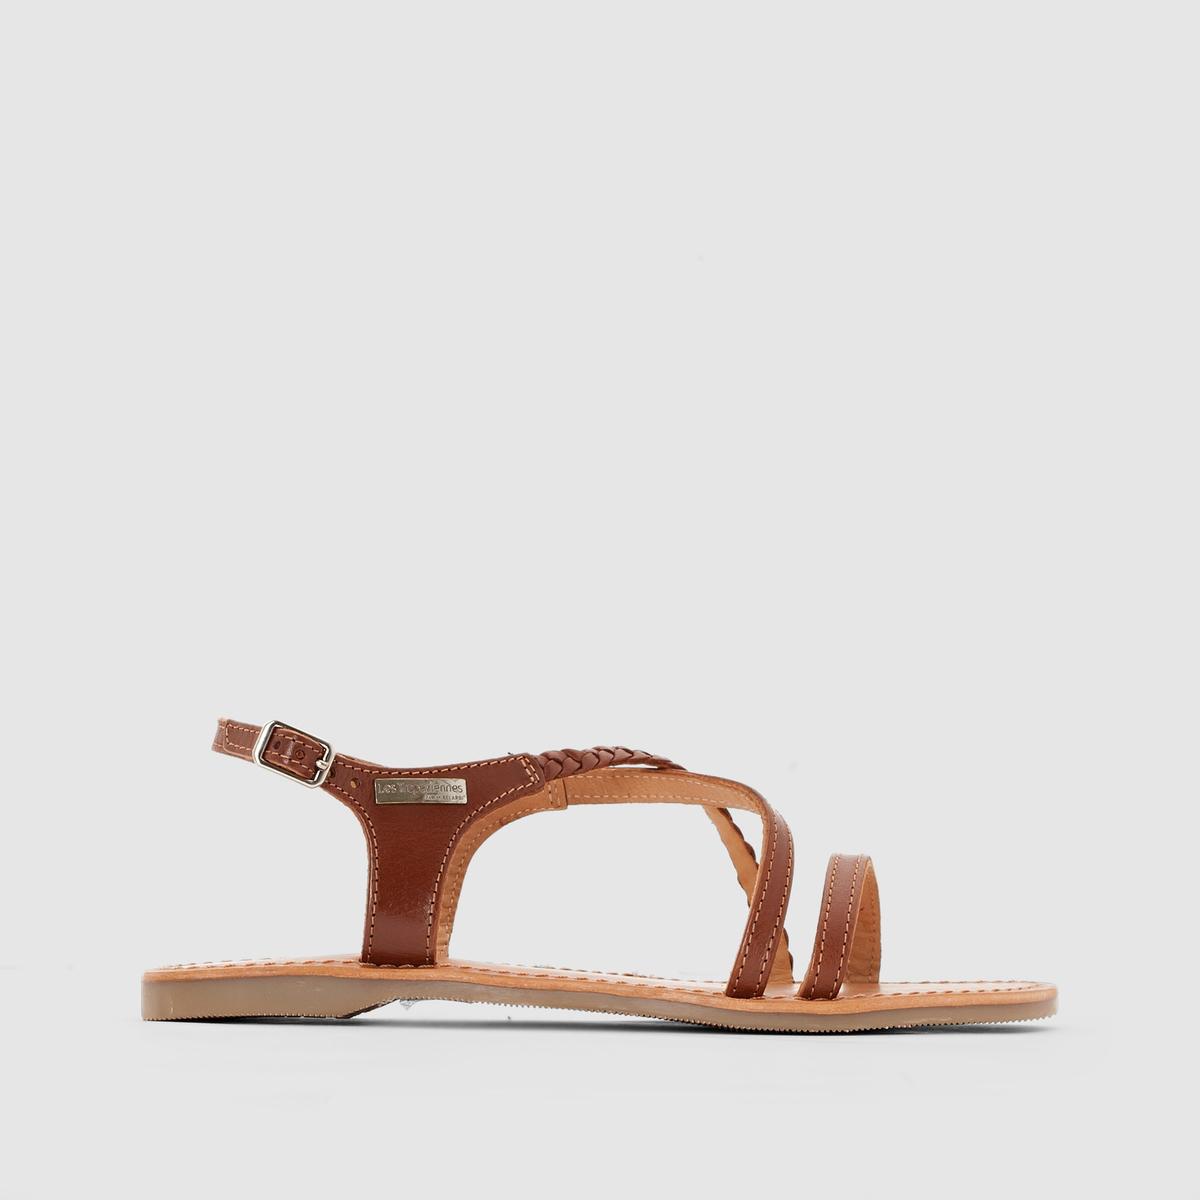 Босоножки кожаные на плоском каблуке HananoВерх : кожа   Подкладка : кожа   Стелька : кожа   Подошва : синтетика   Форма каблука : плоский каблук   Мысок : закругленный мысок   Застежка : пряжка<br><br>Цвет: темно-коричневый